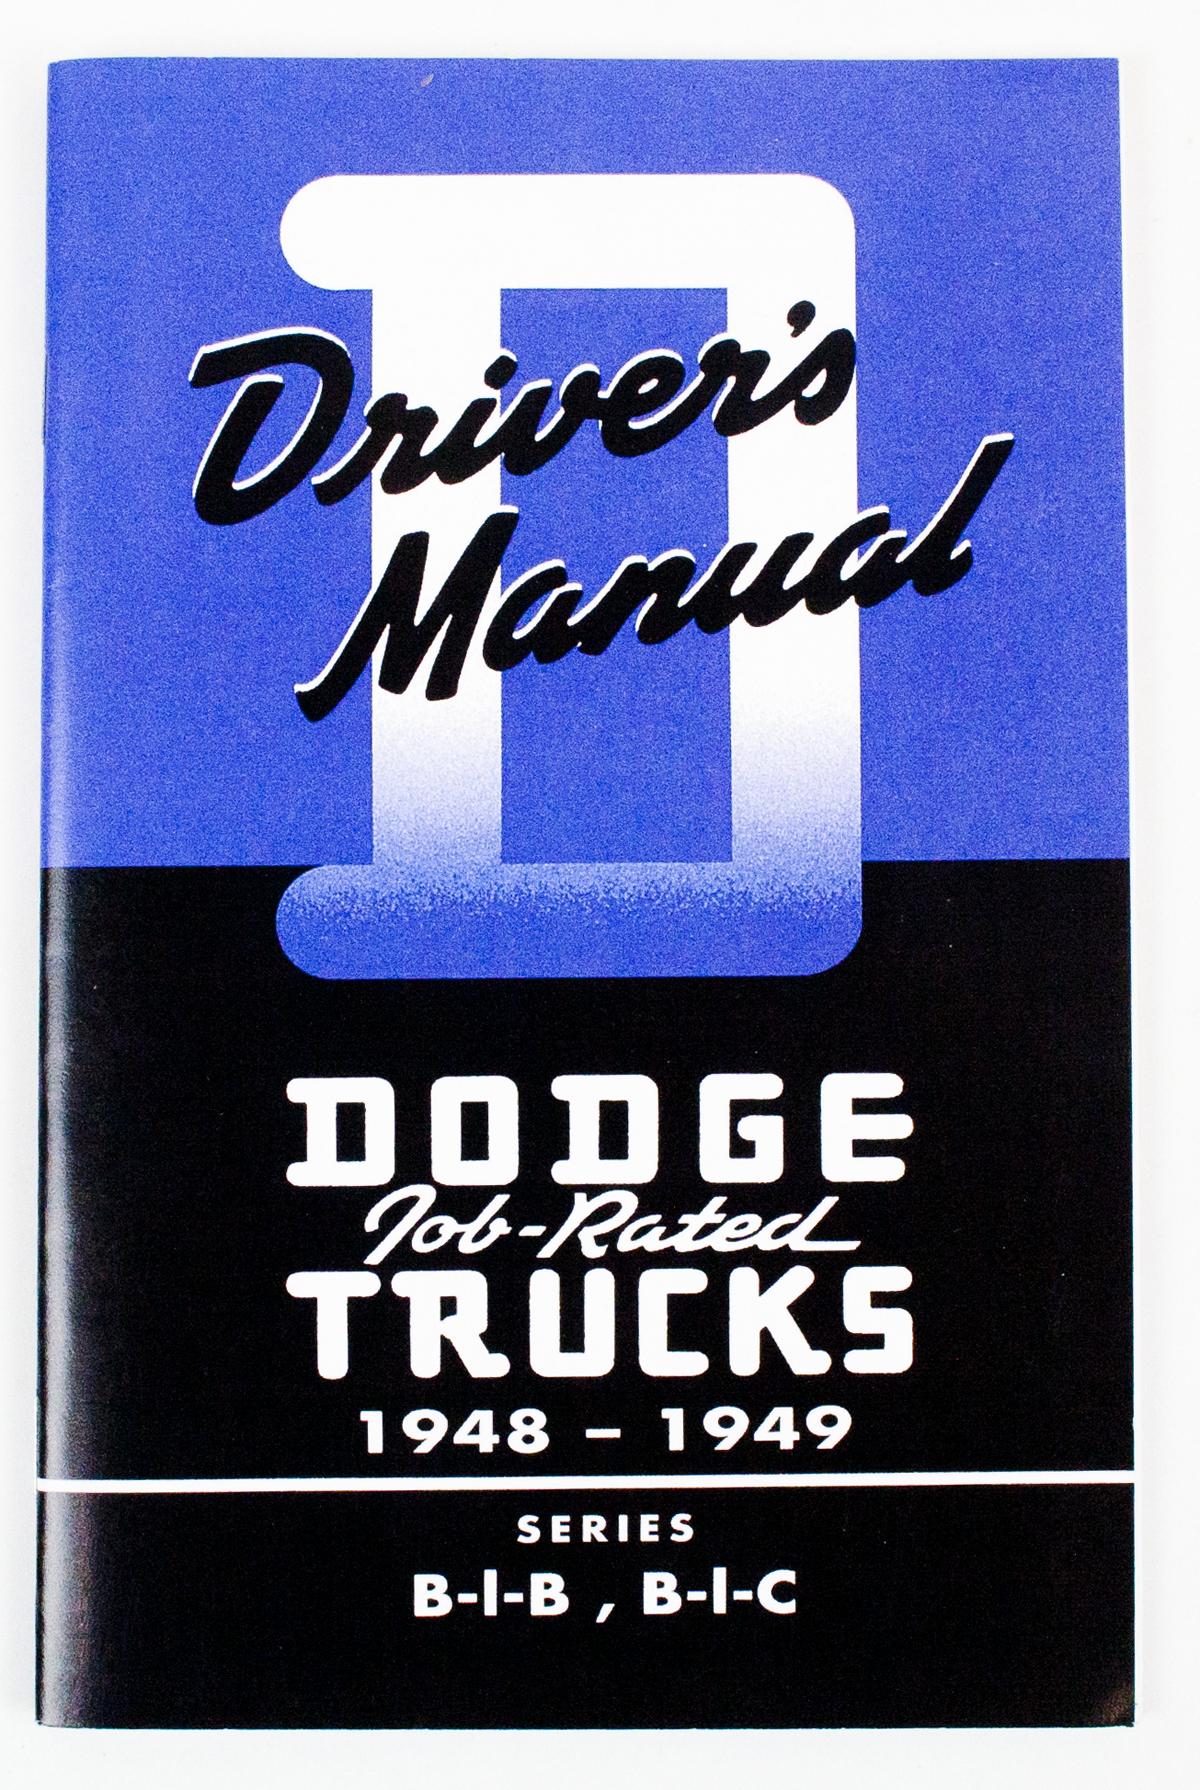 l 384 4849 dodge truck owners manual 48 49 dcm classics llc rh dcmclassics com dodge truck service manual dodge truck owners manual